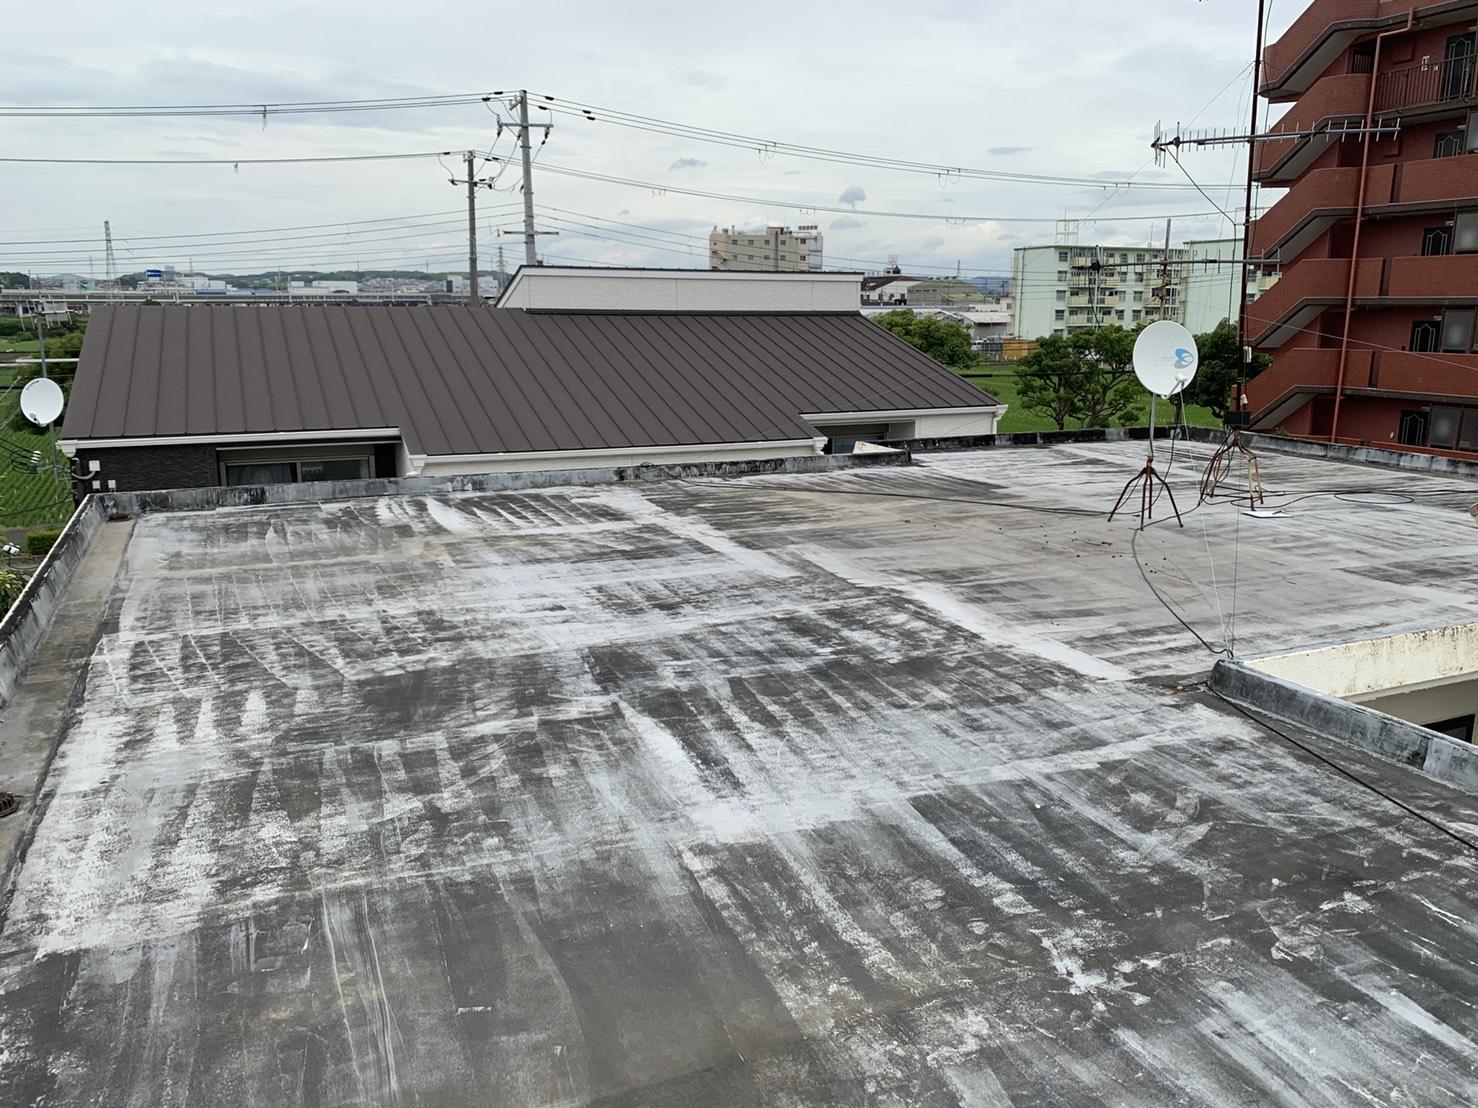 雨漏りしている屋上の様子